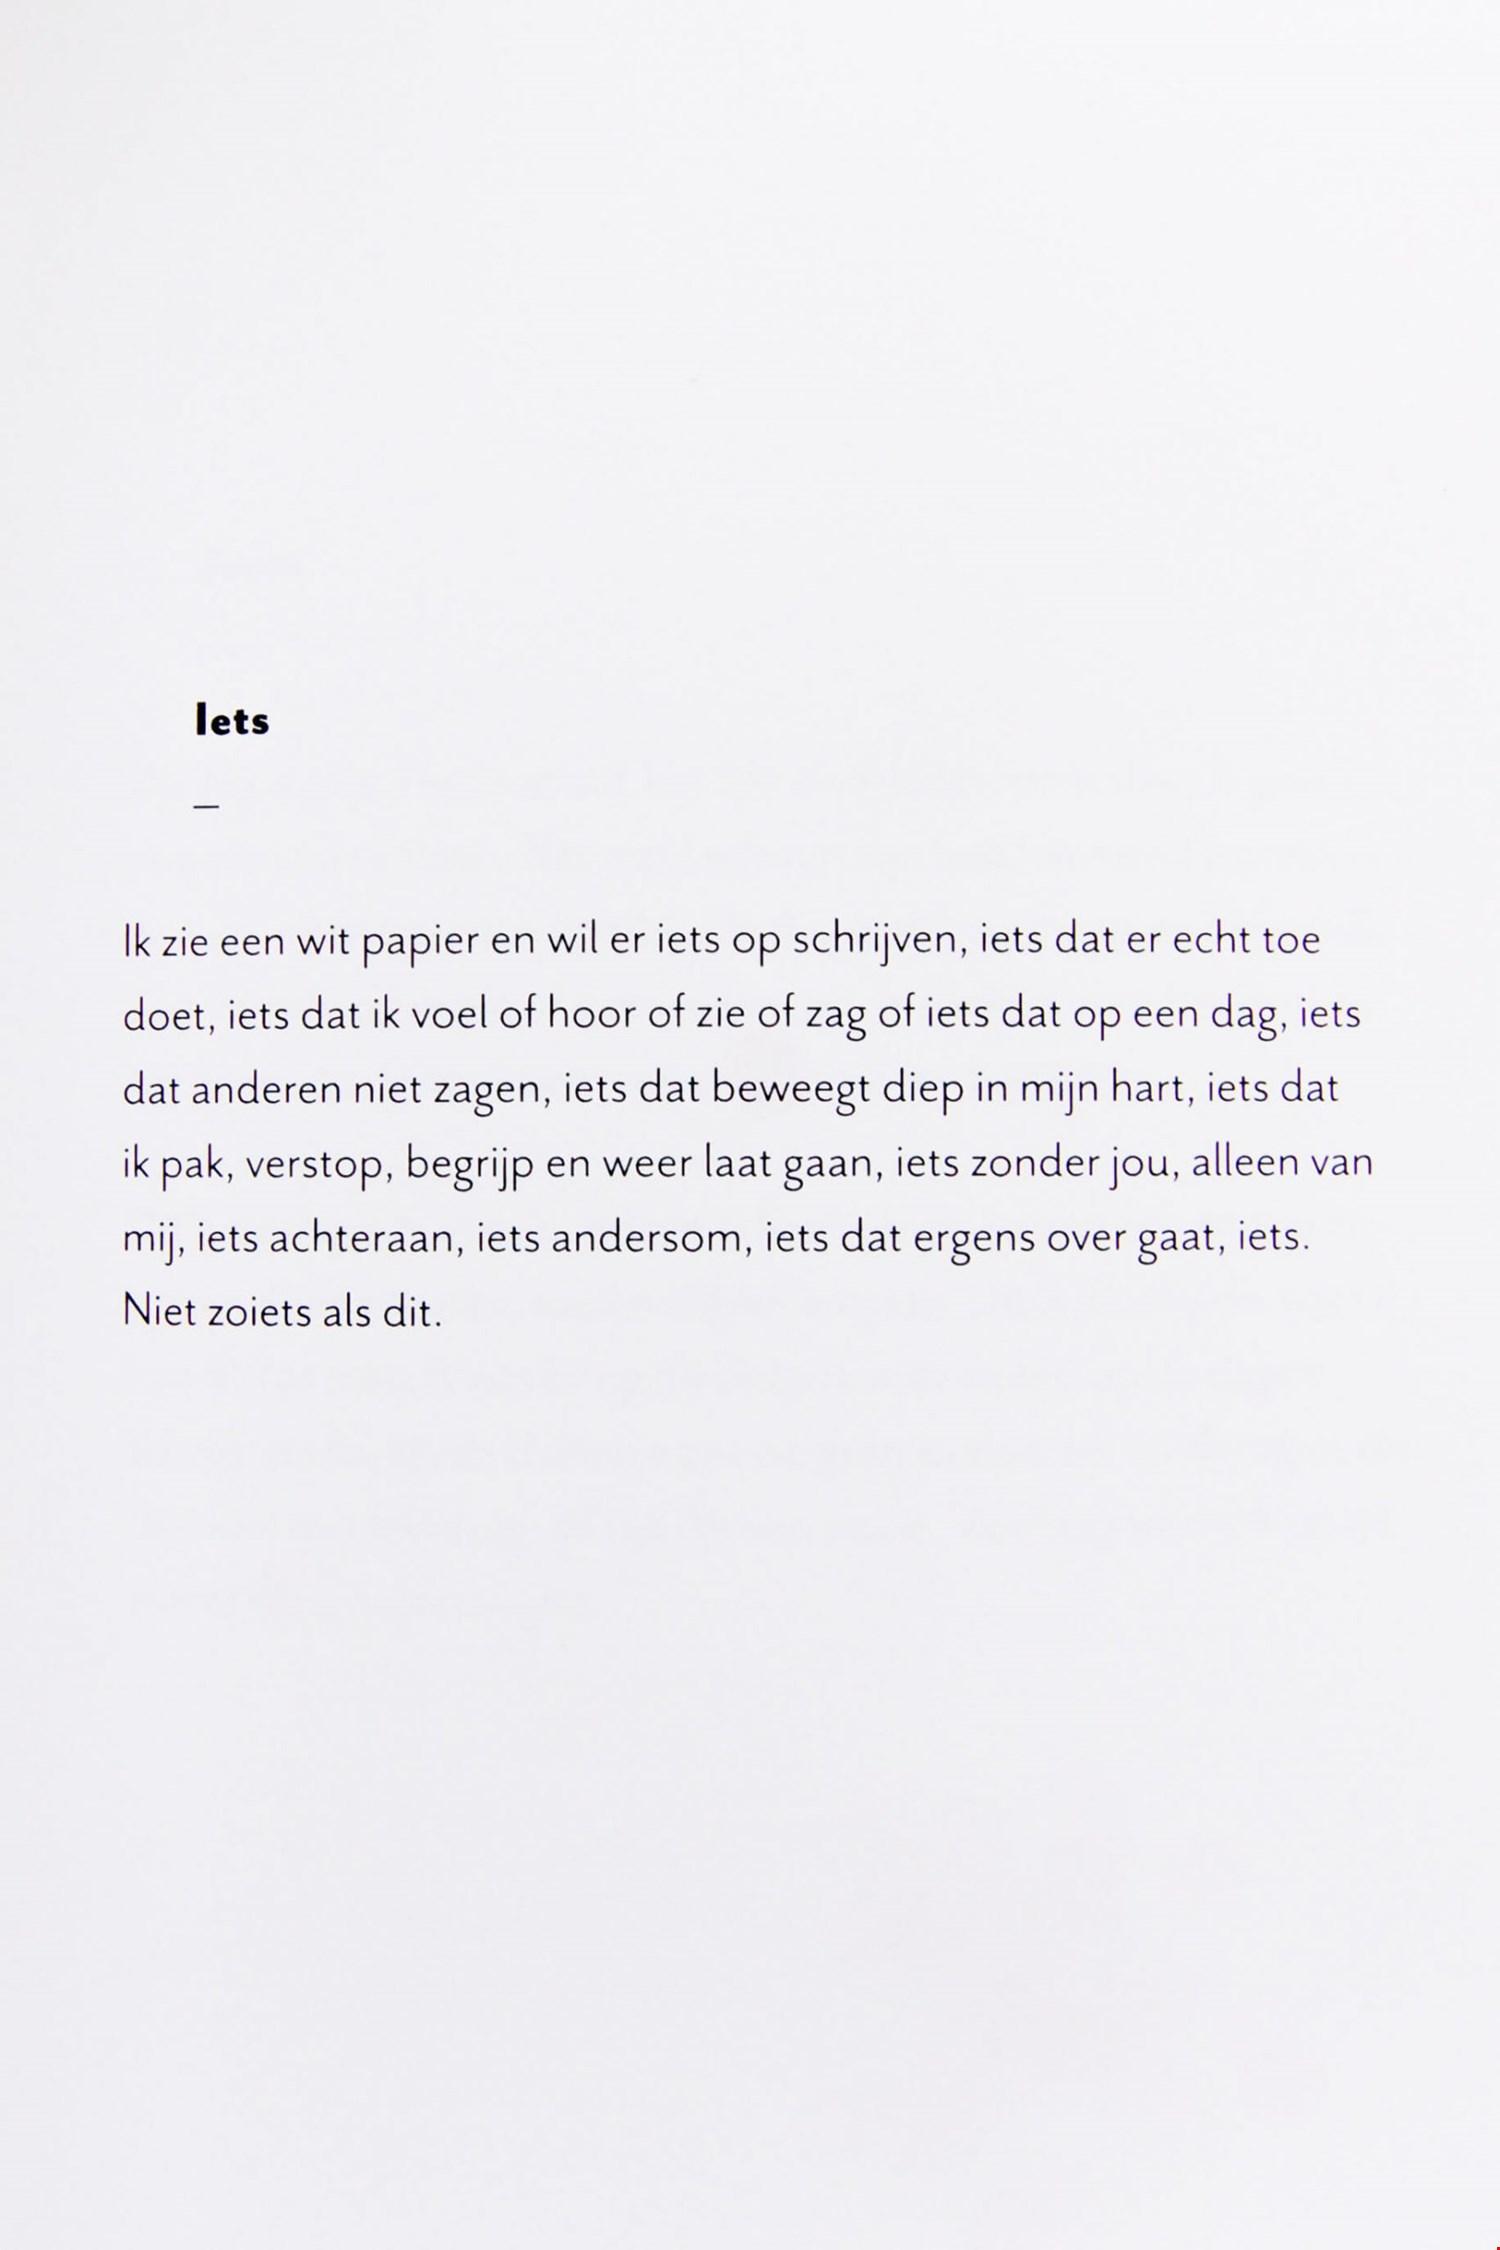 saarsboekenplank.nl